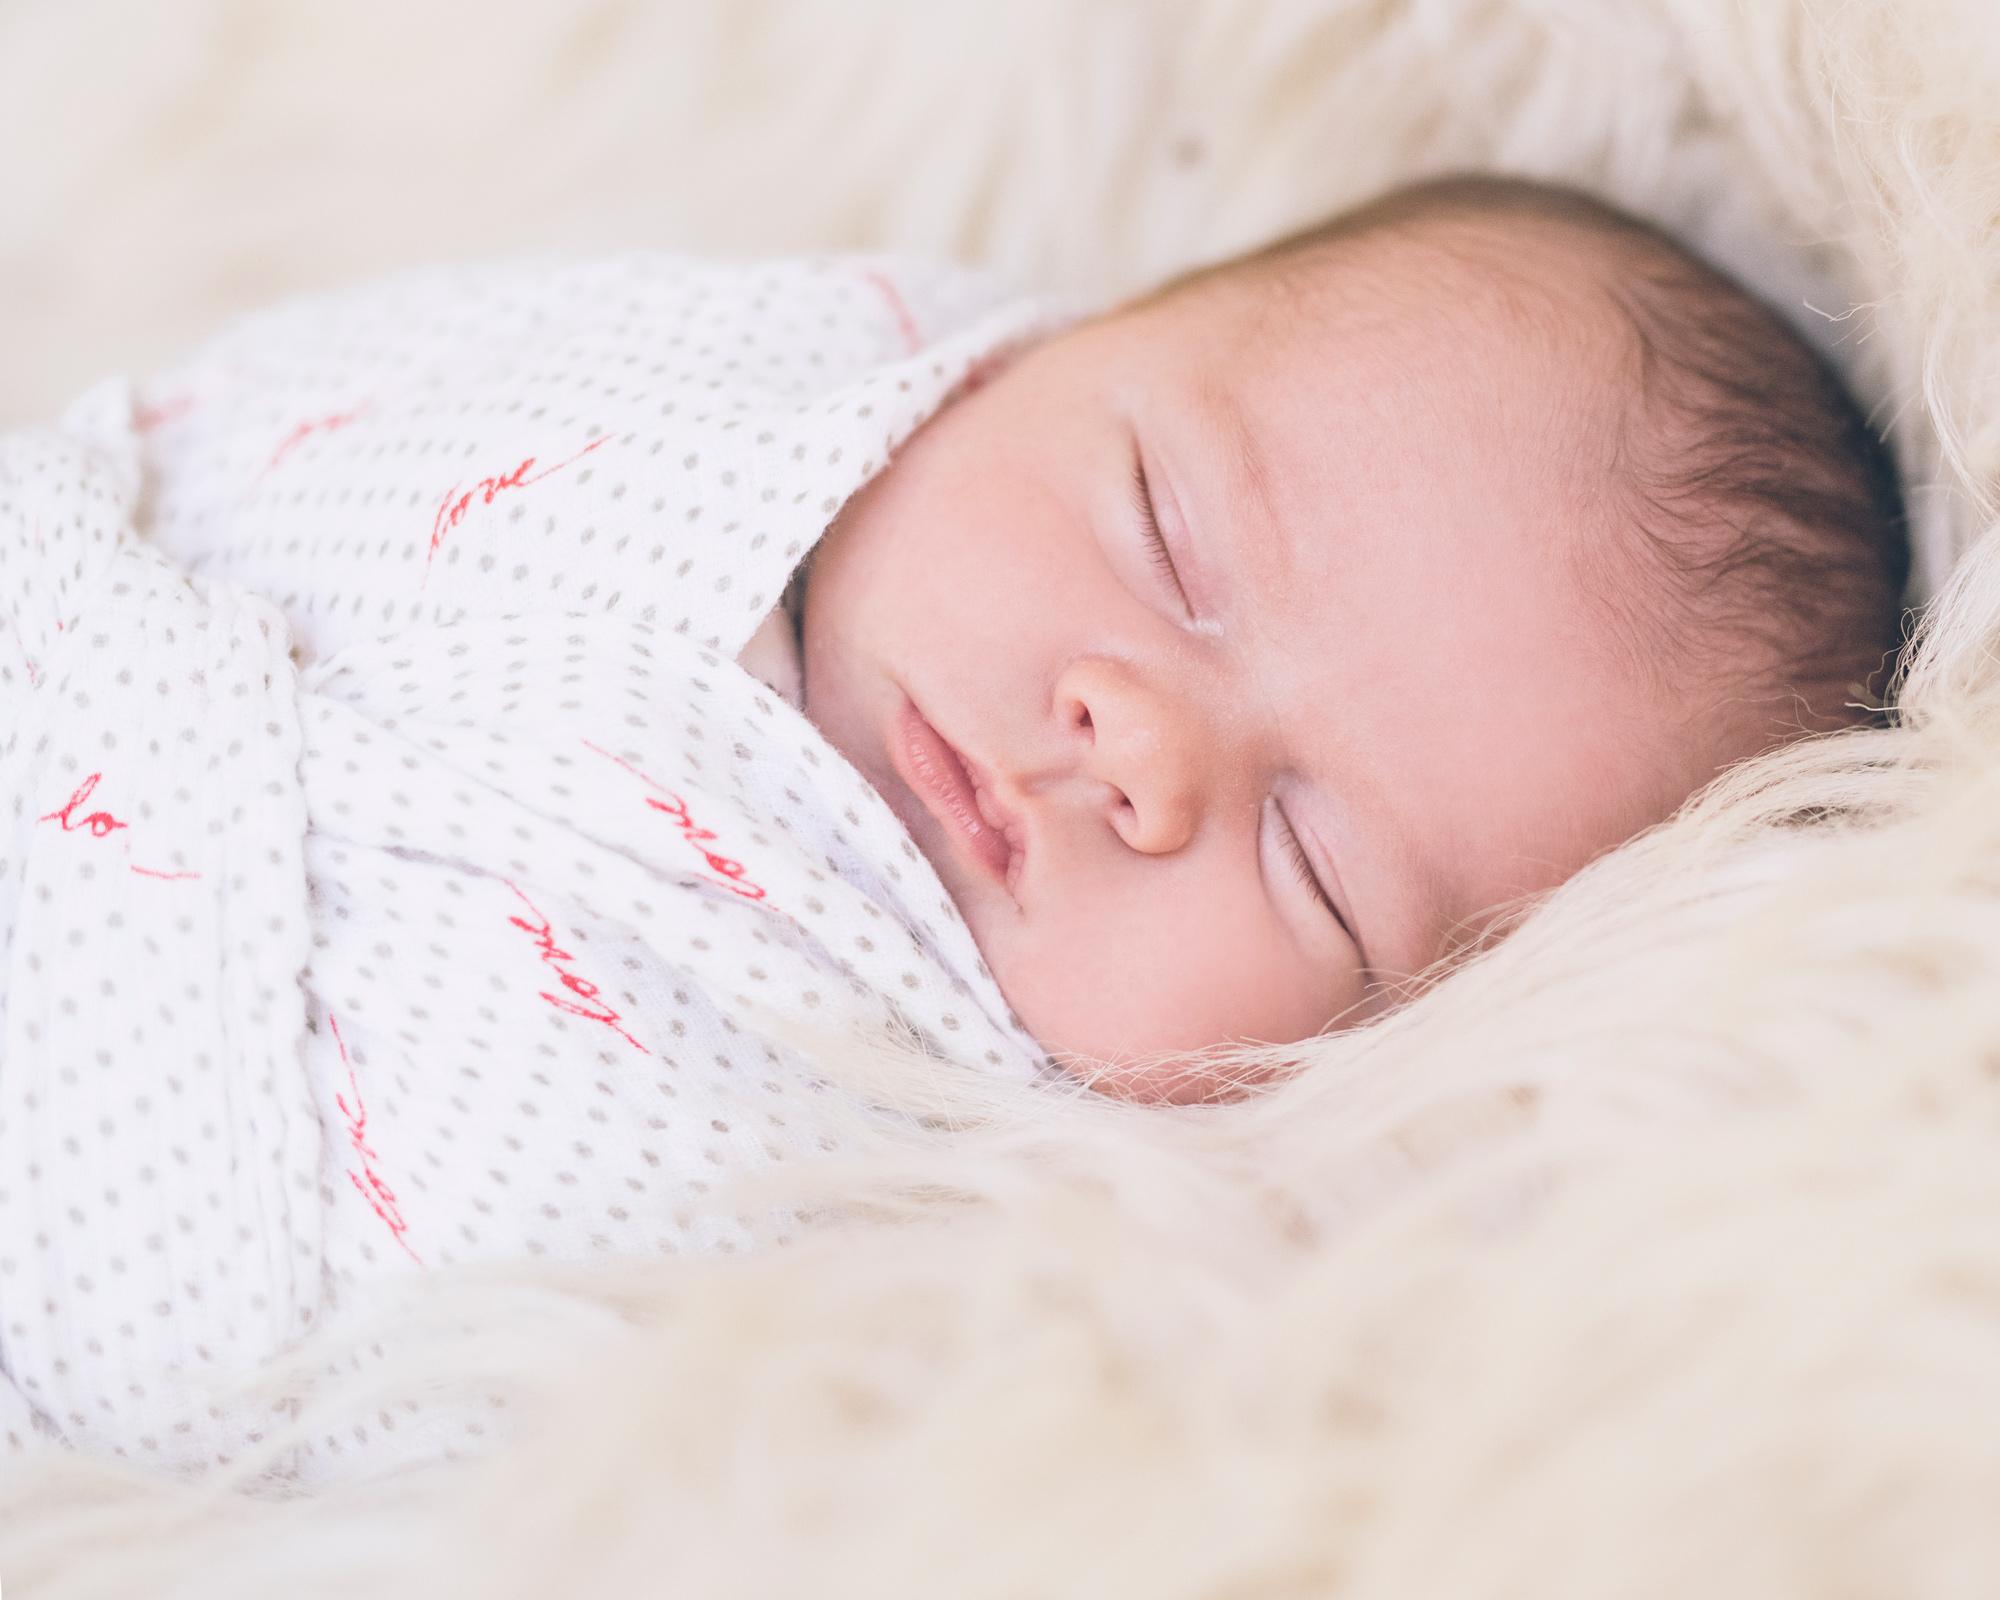 newborn-baby-boy-wrapped-on-fur.jpg